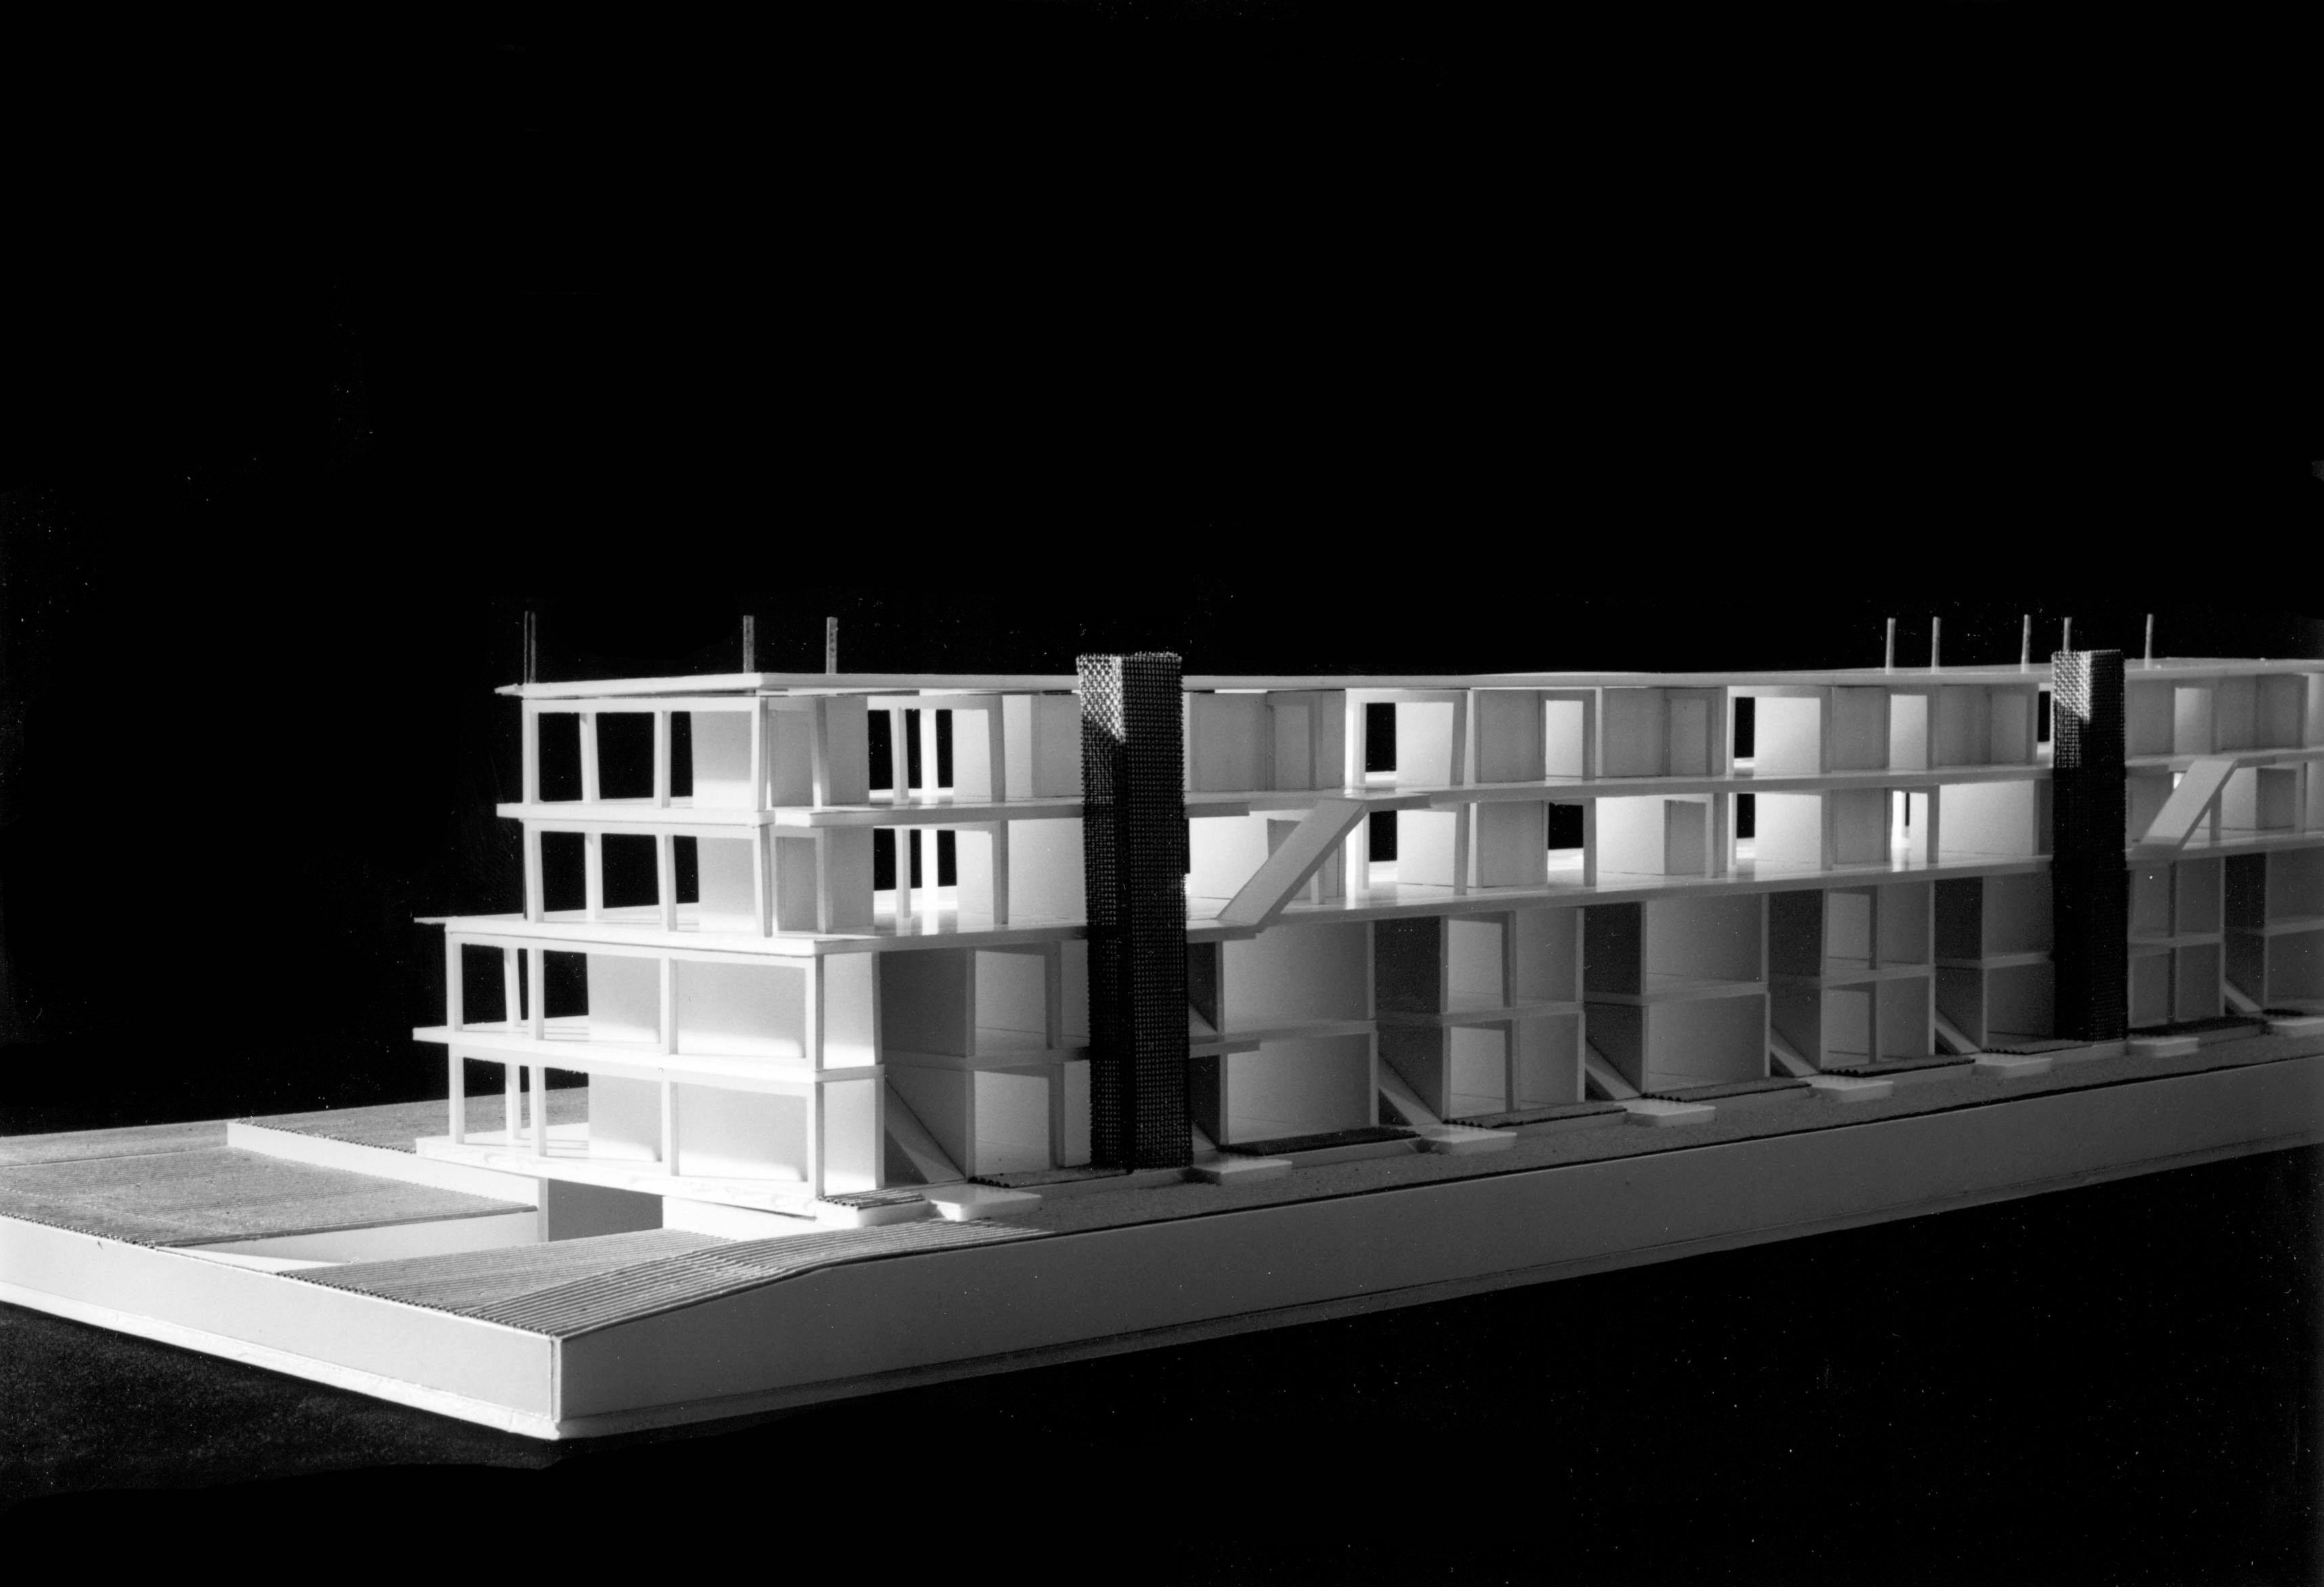 <p>© RUNSER / PRANTL architekten, Niedrigstenergie Wohnhaus, 1230 Wien, Österreich, Bauträgerwettbewerb, 1996, Niedrigstenergie Wohnhaus, Fotograf Margherita Spiluttini</p>